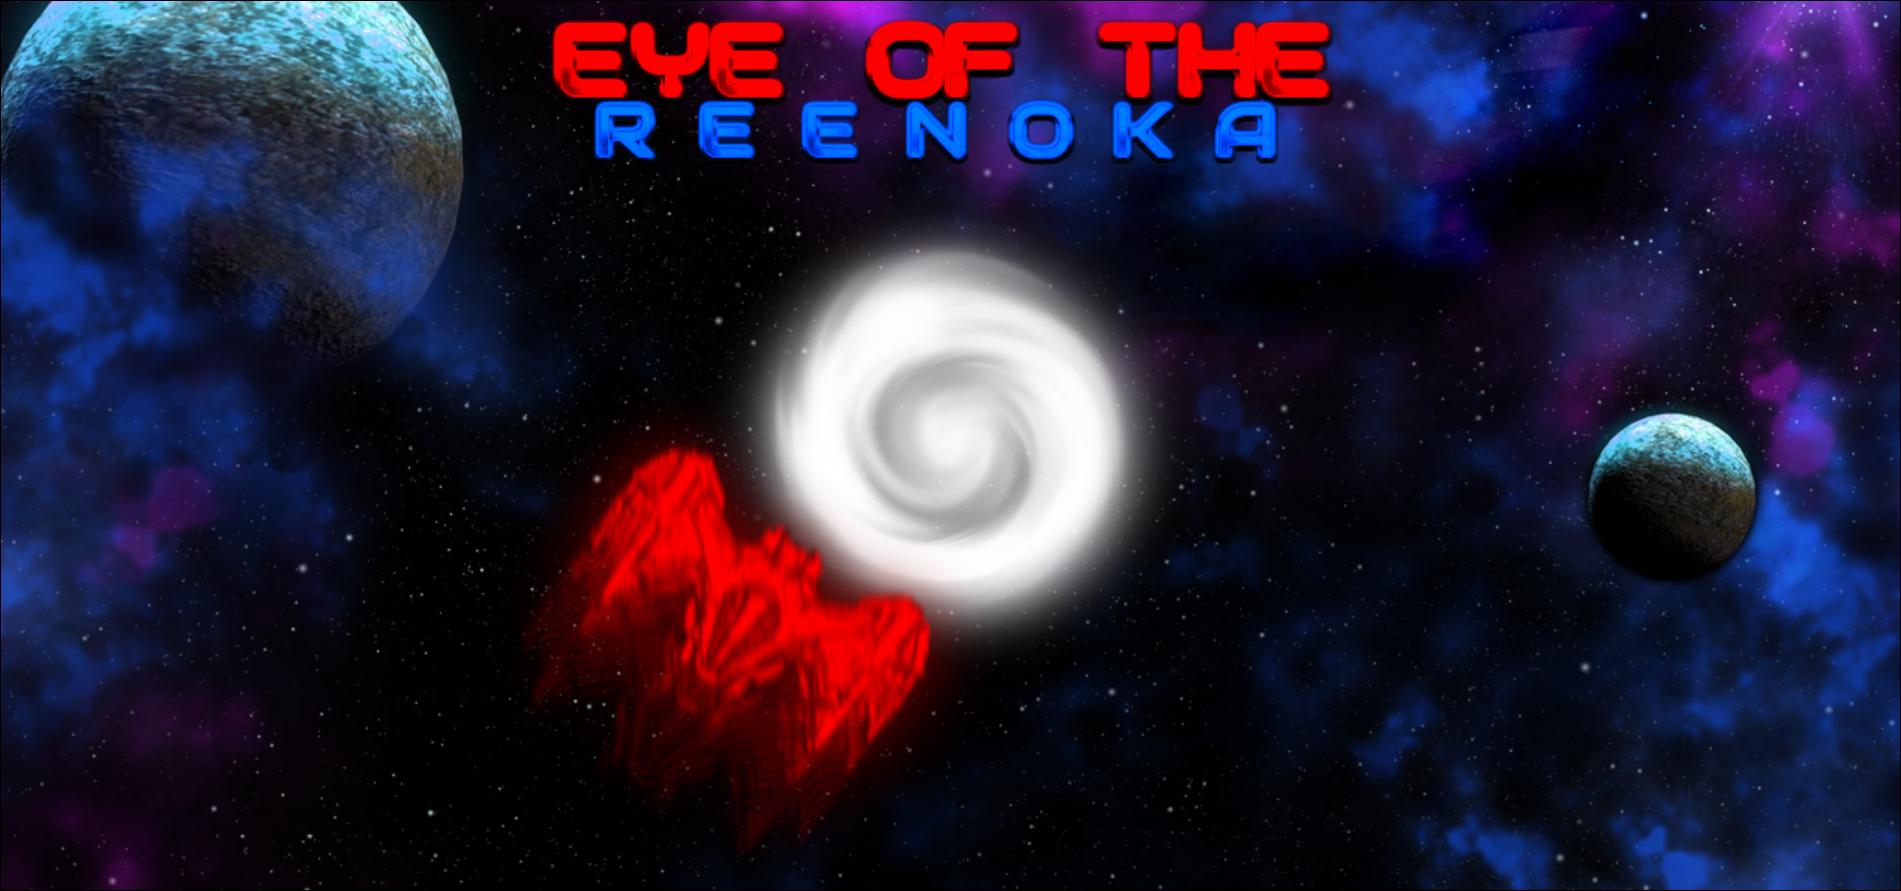 Eye of The Reenoka